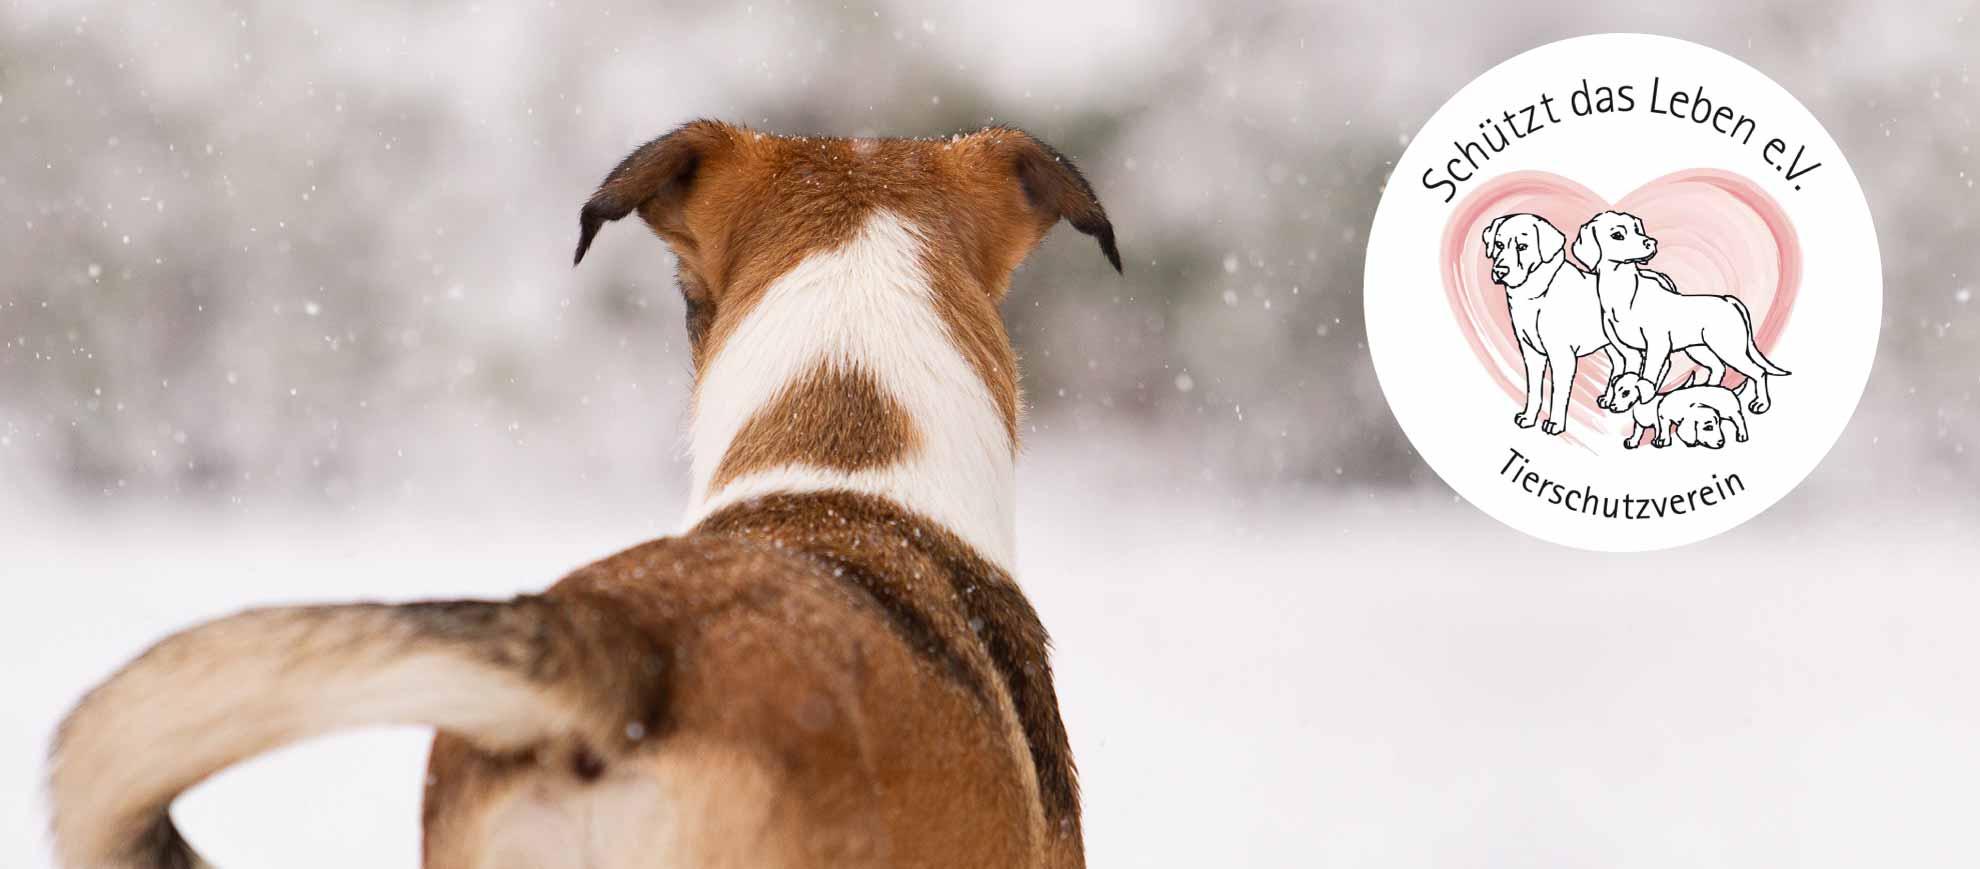 Hund steht mit Rücken zum Betrachter und schaut gespannt in die verschneite Landschaft